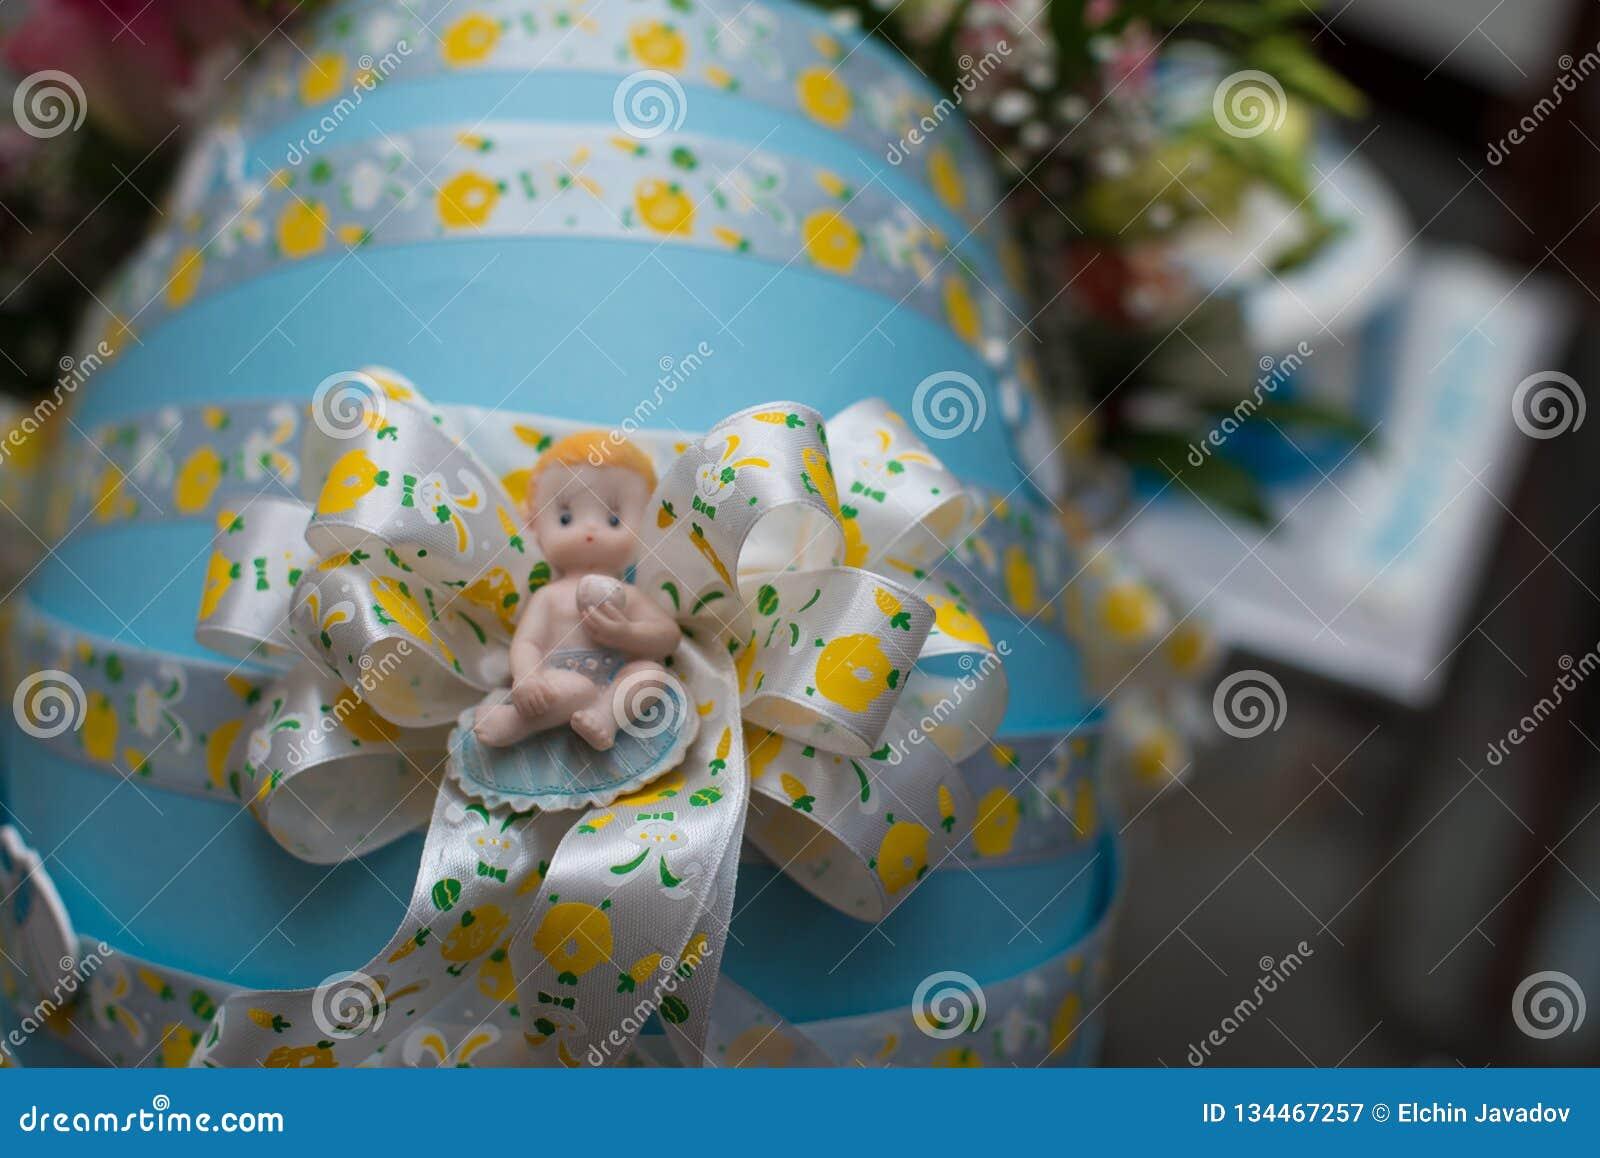 Prezenta pudełko dla nowonarodzonego dziecka, teraźniejszości pudełko dla nowonarodzonej chłopiec, teraźniejszość dla babyboy